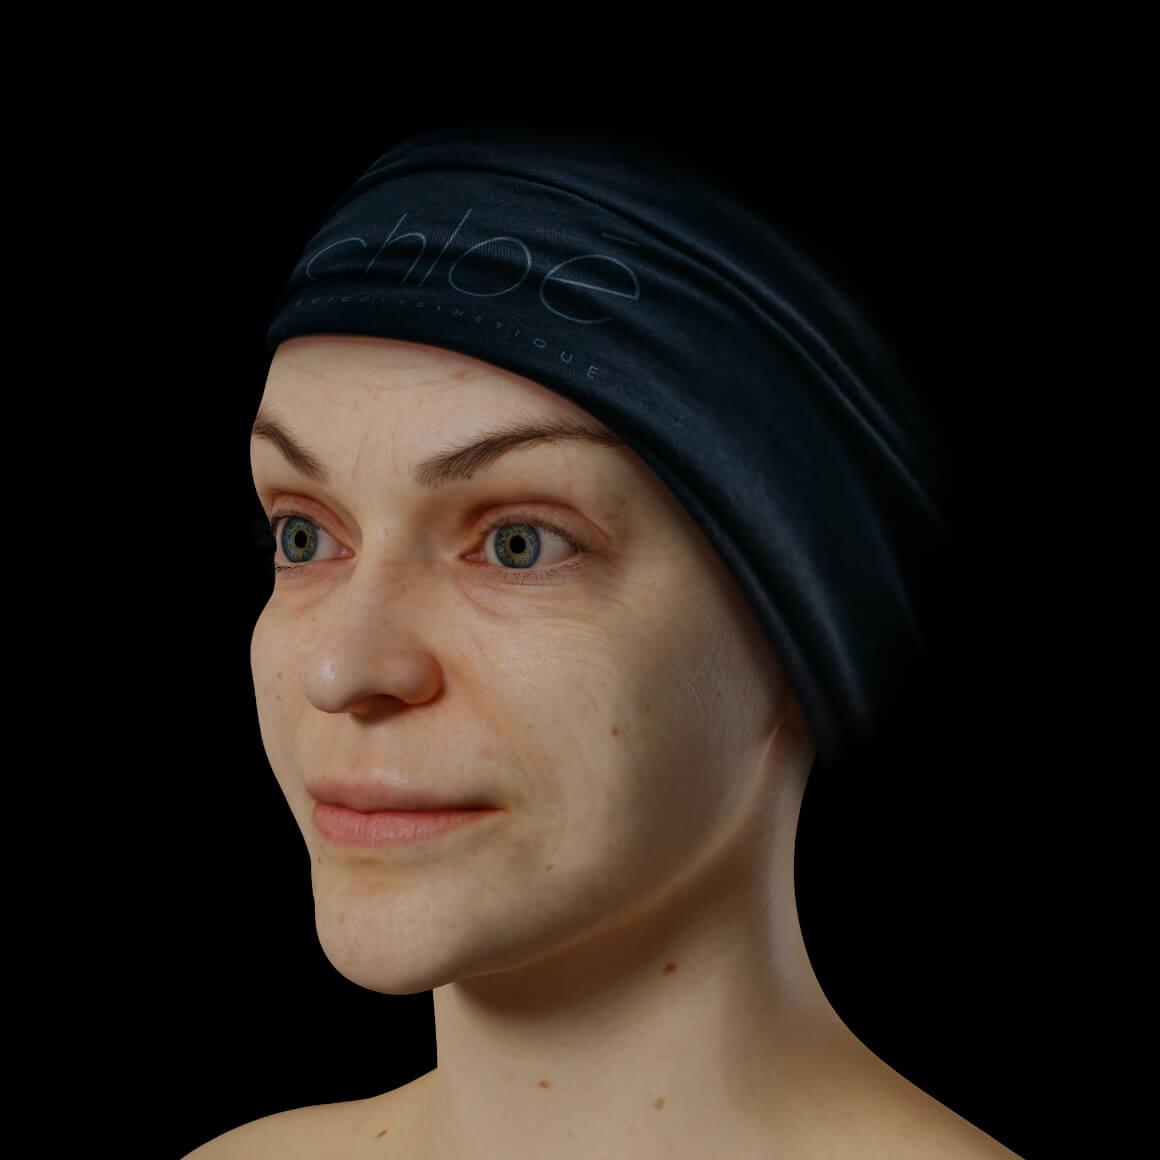 Une patiente de la Clinique Chloé positionnée en angle ayant quelques rides et ridules au niveau du visage